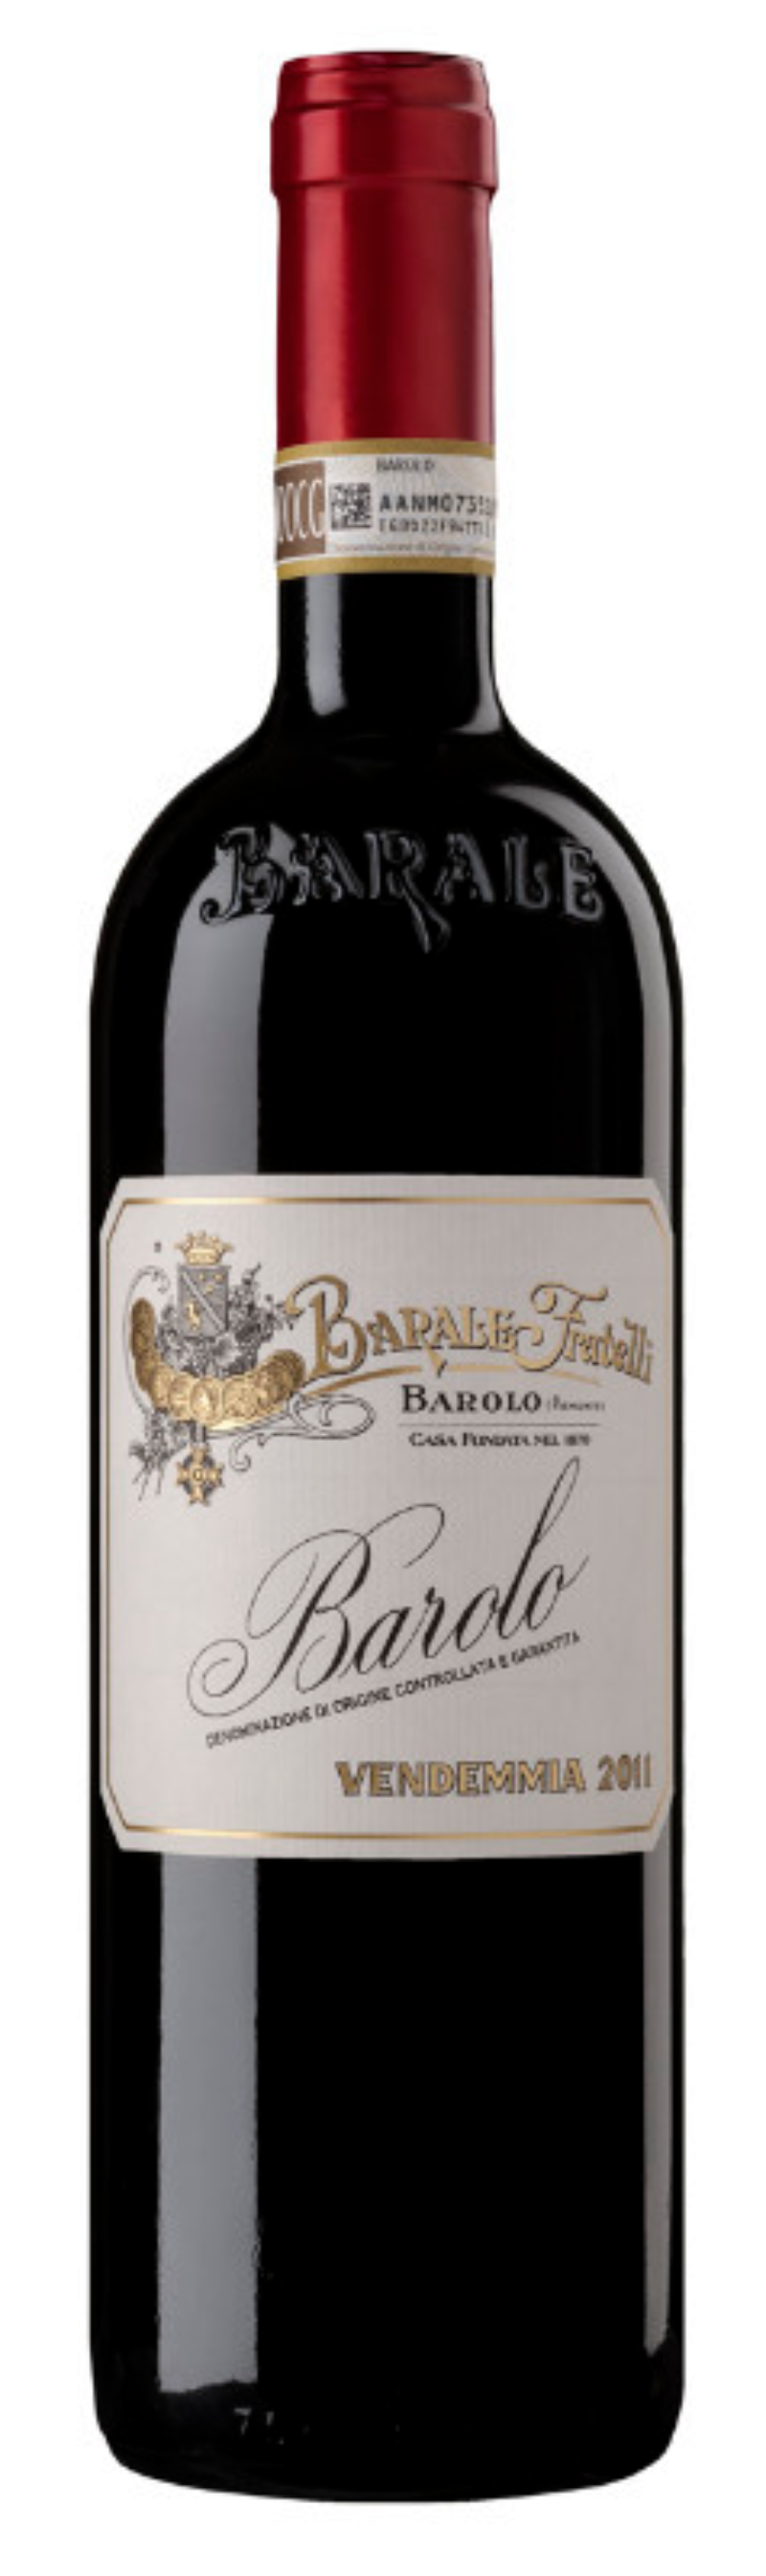 BAROLO-CLASSICO-BARALE-2012-0.75